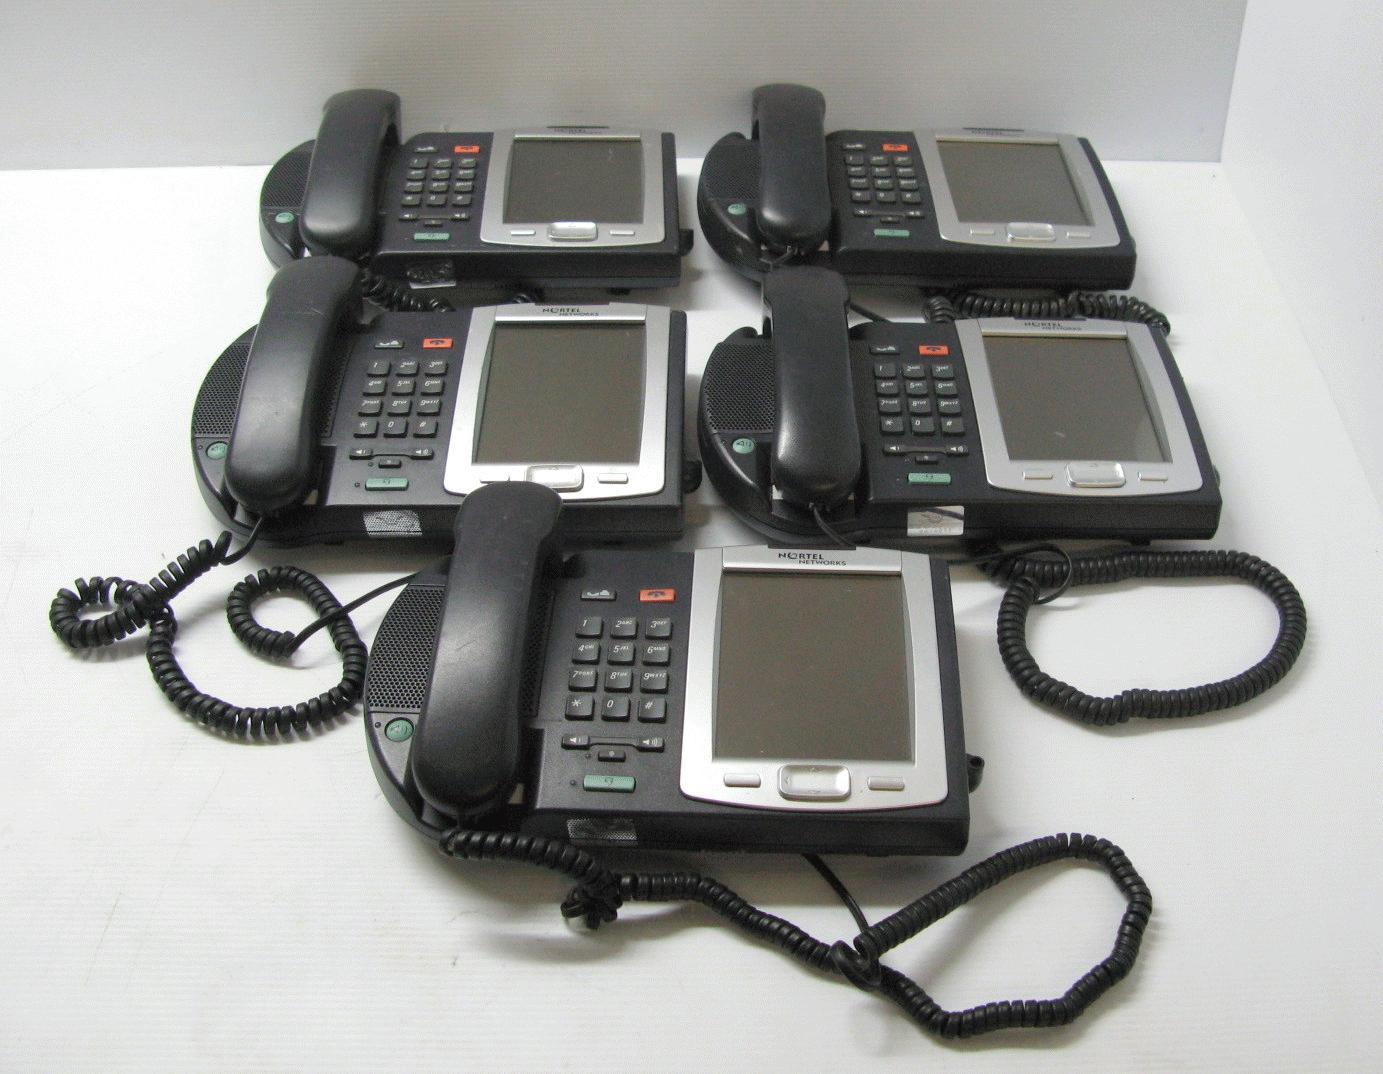 nortel networks meridian phone manual